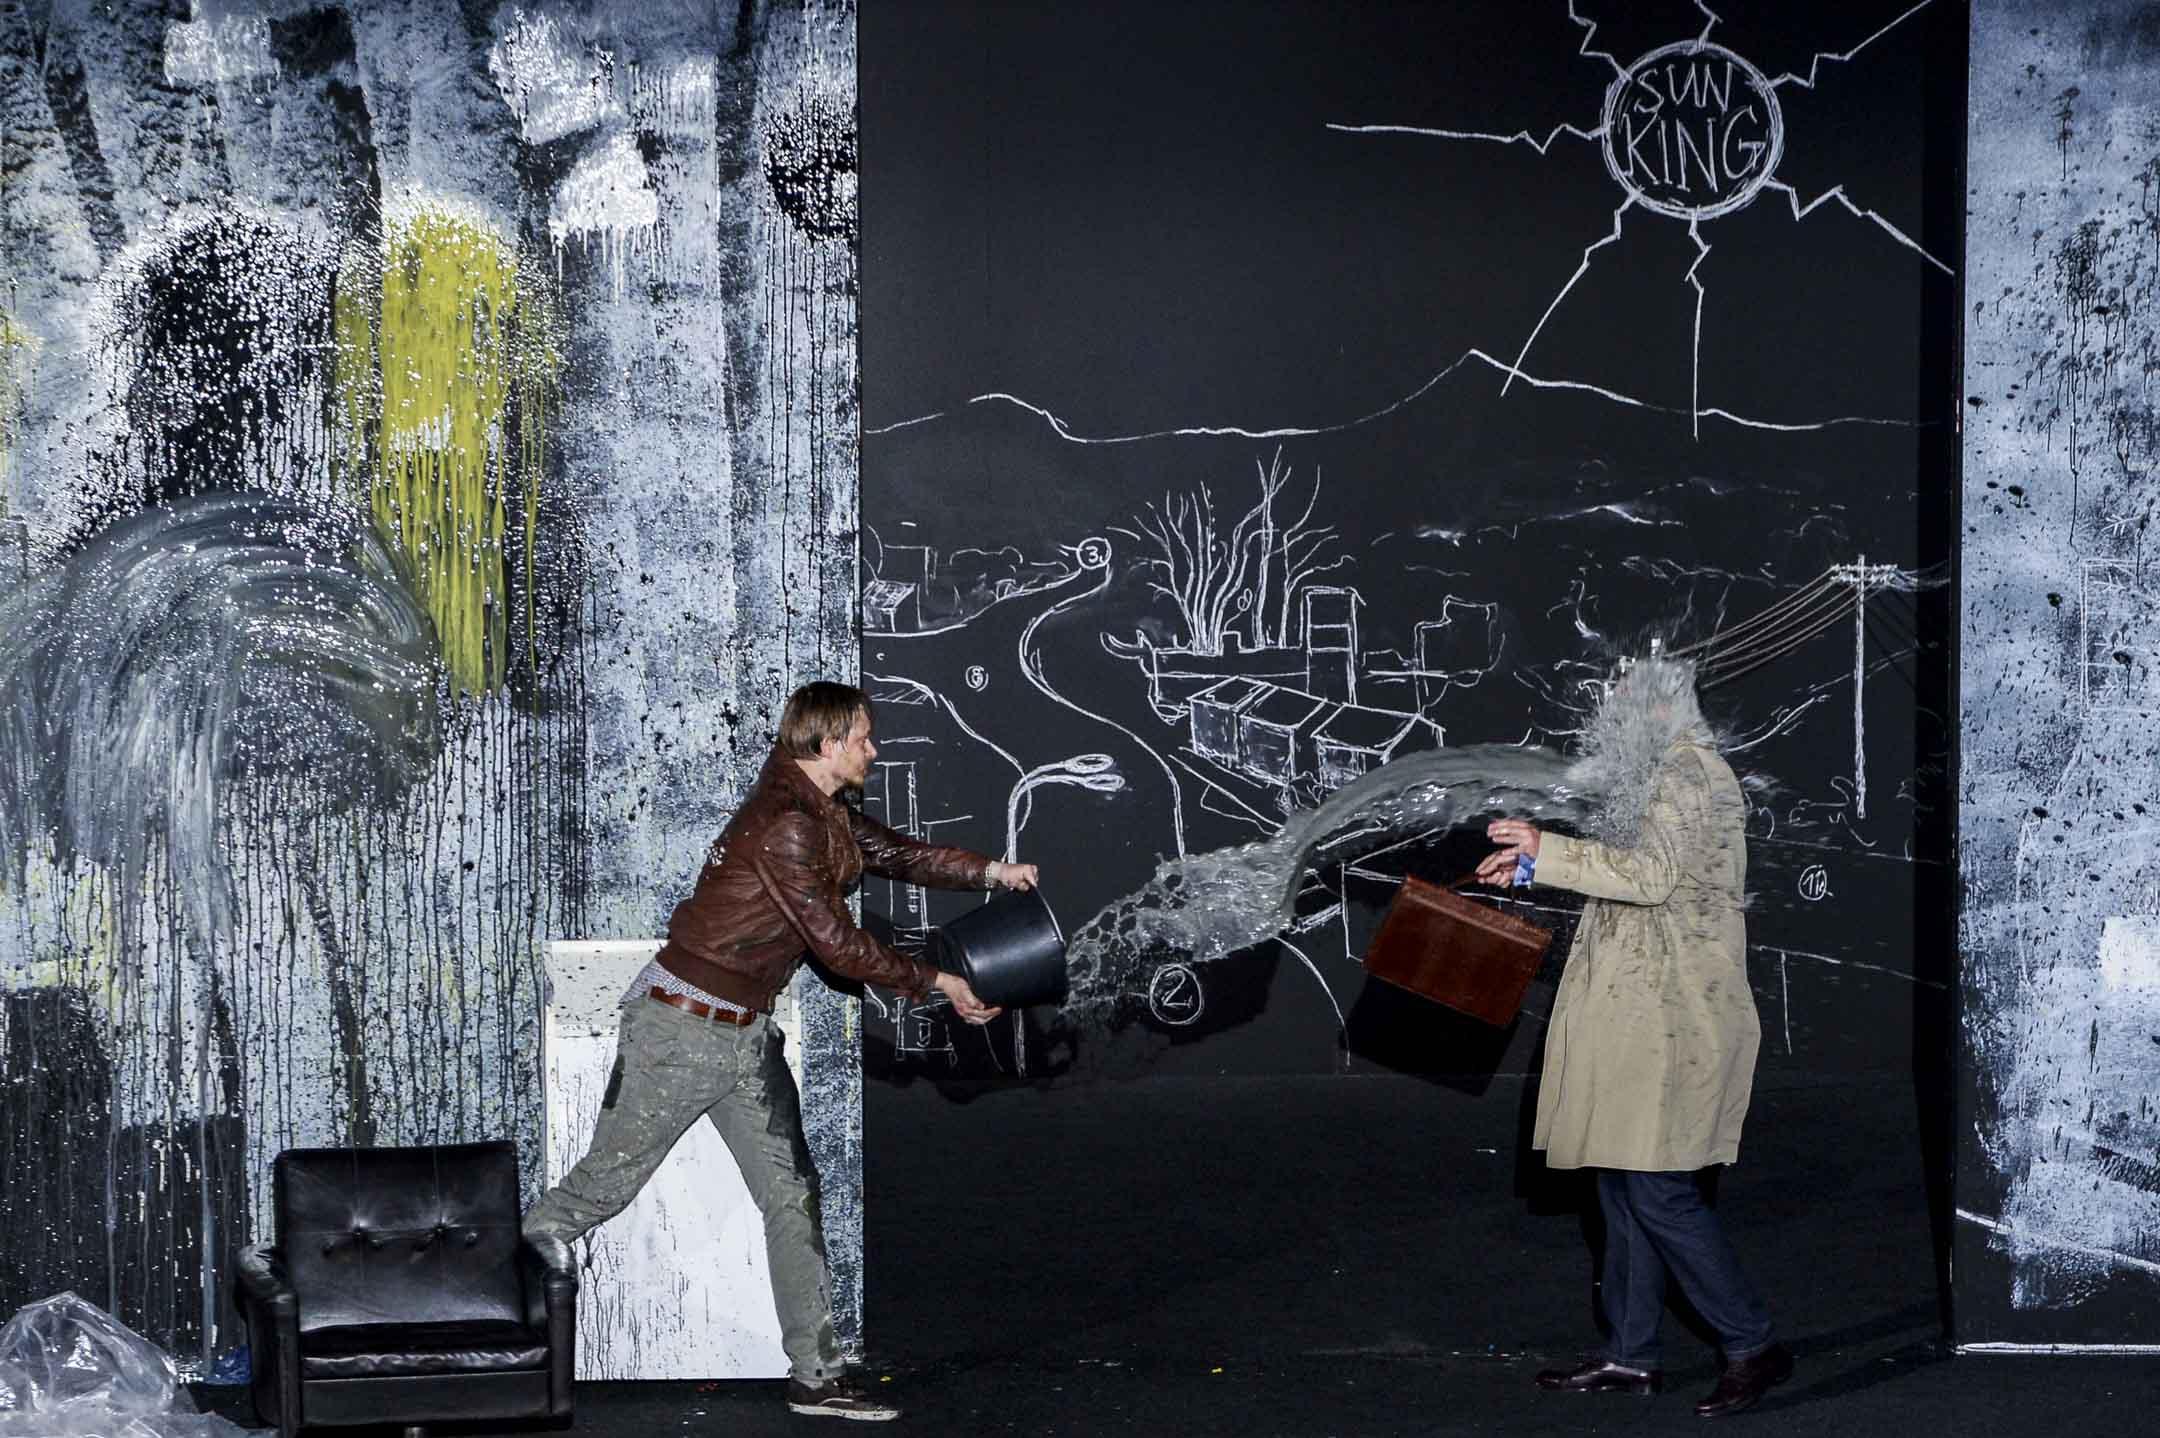 2012年7月17日,法國第66屆阿維尼翁戲劇節上演的《人民公敵》的劇照。